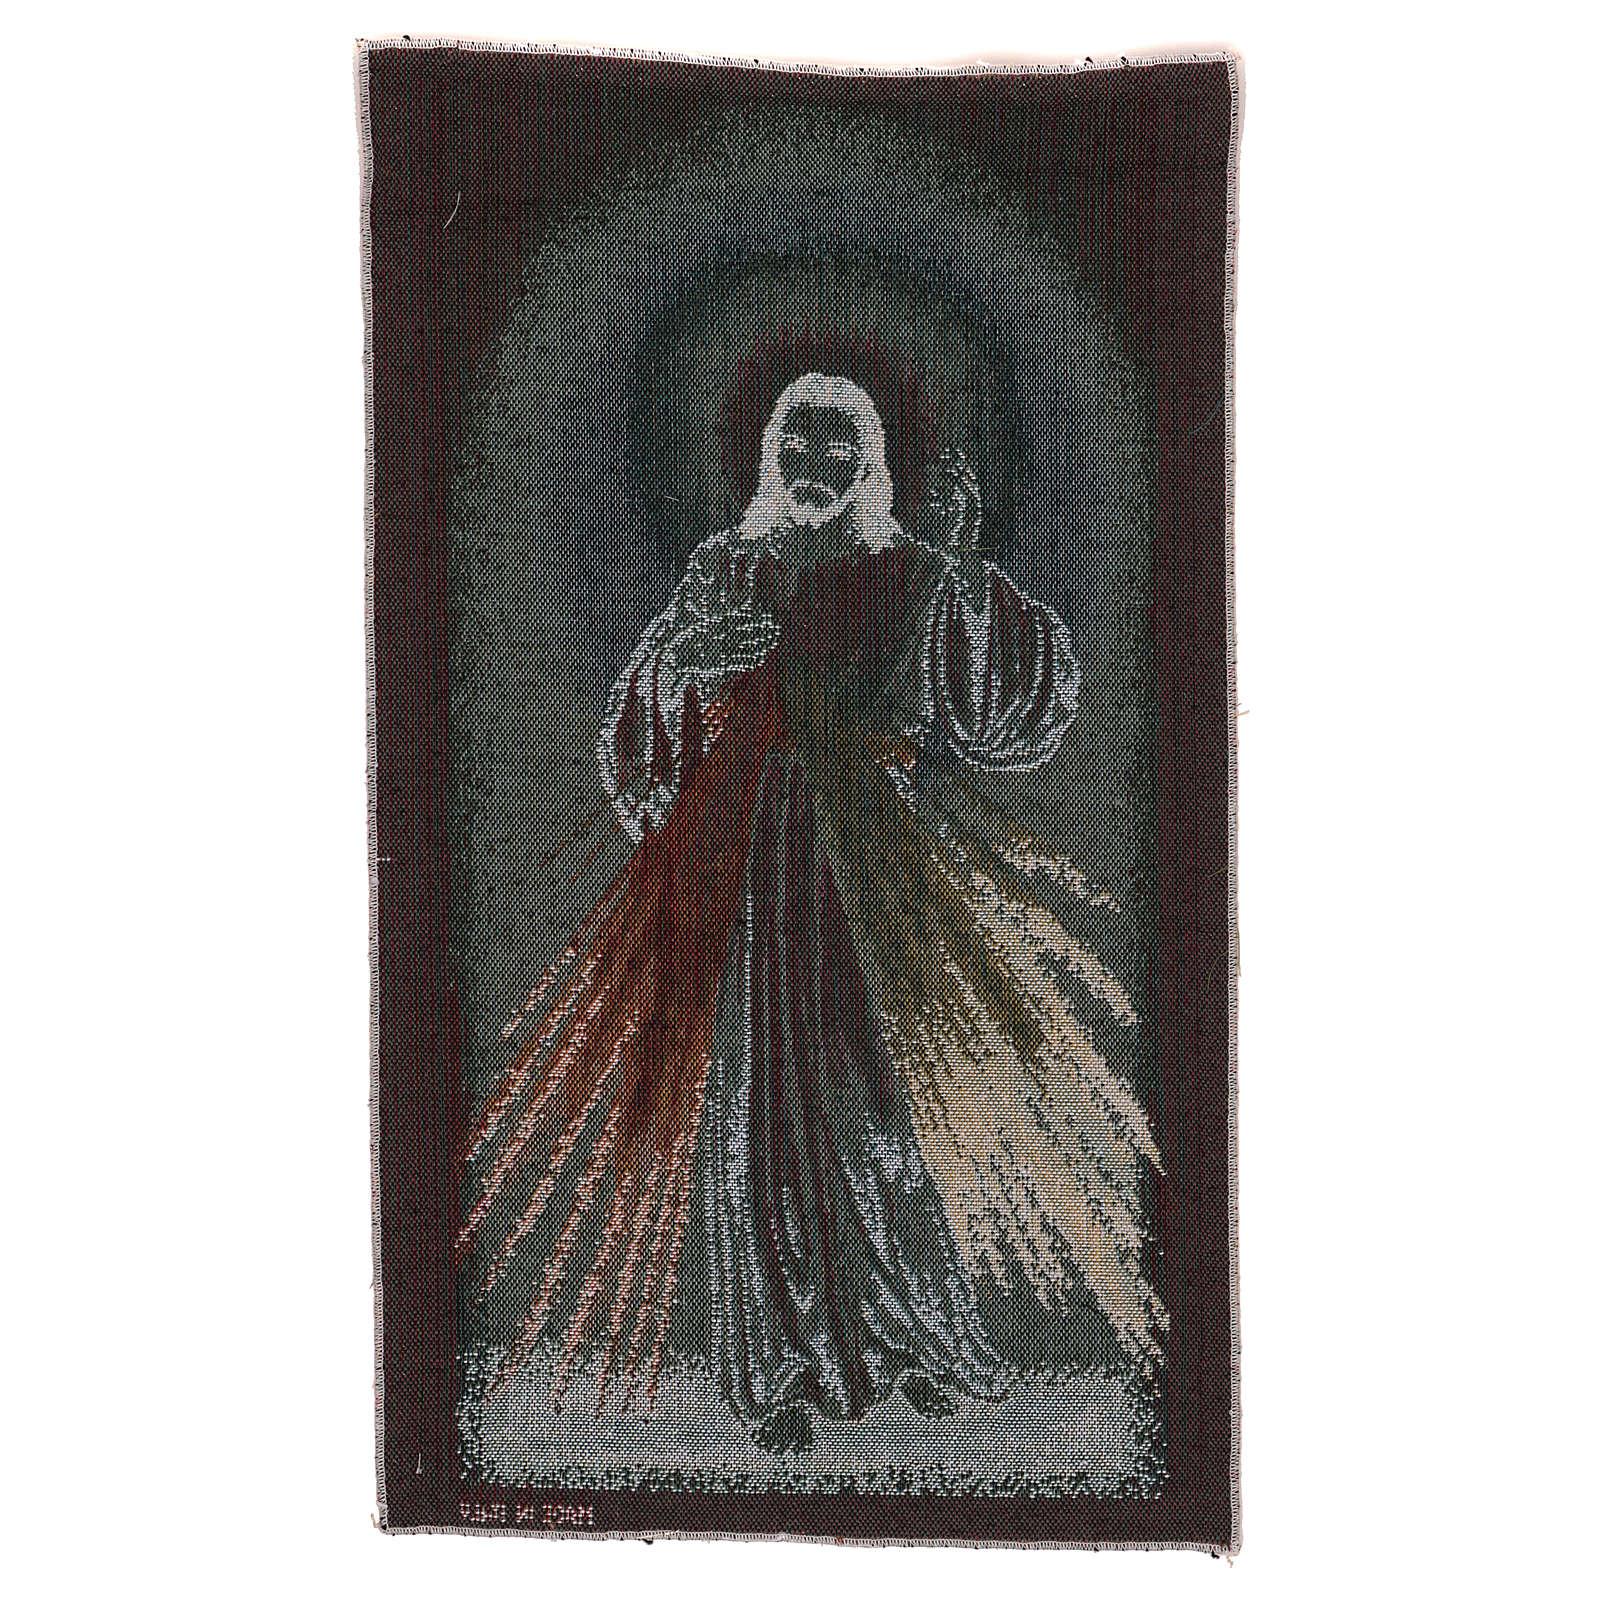 Wandteppich Barmherziger Jesus 50x30 cm 3